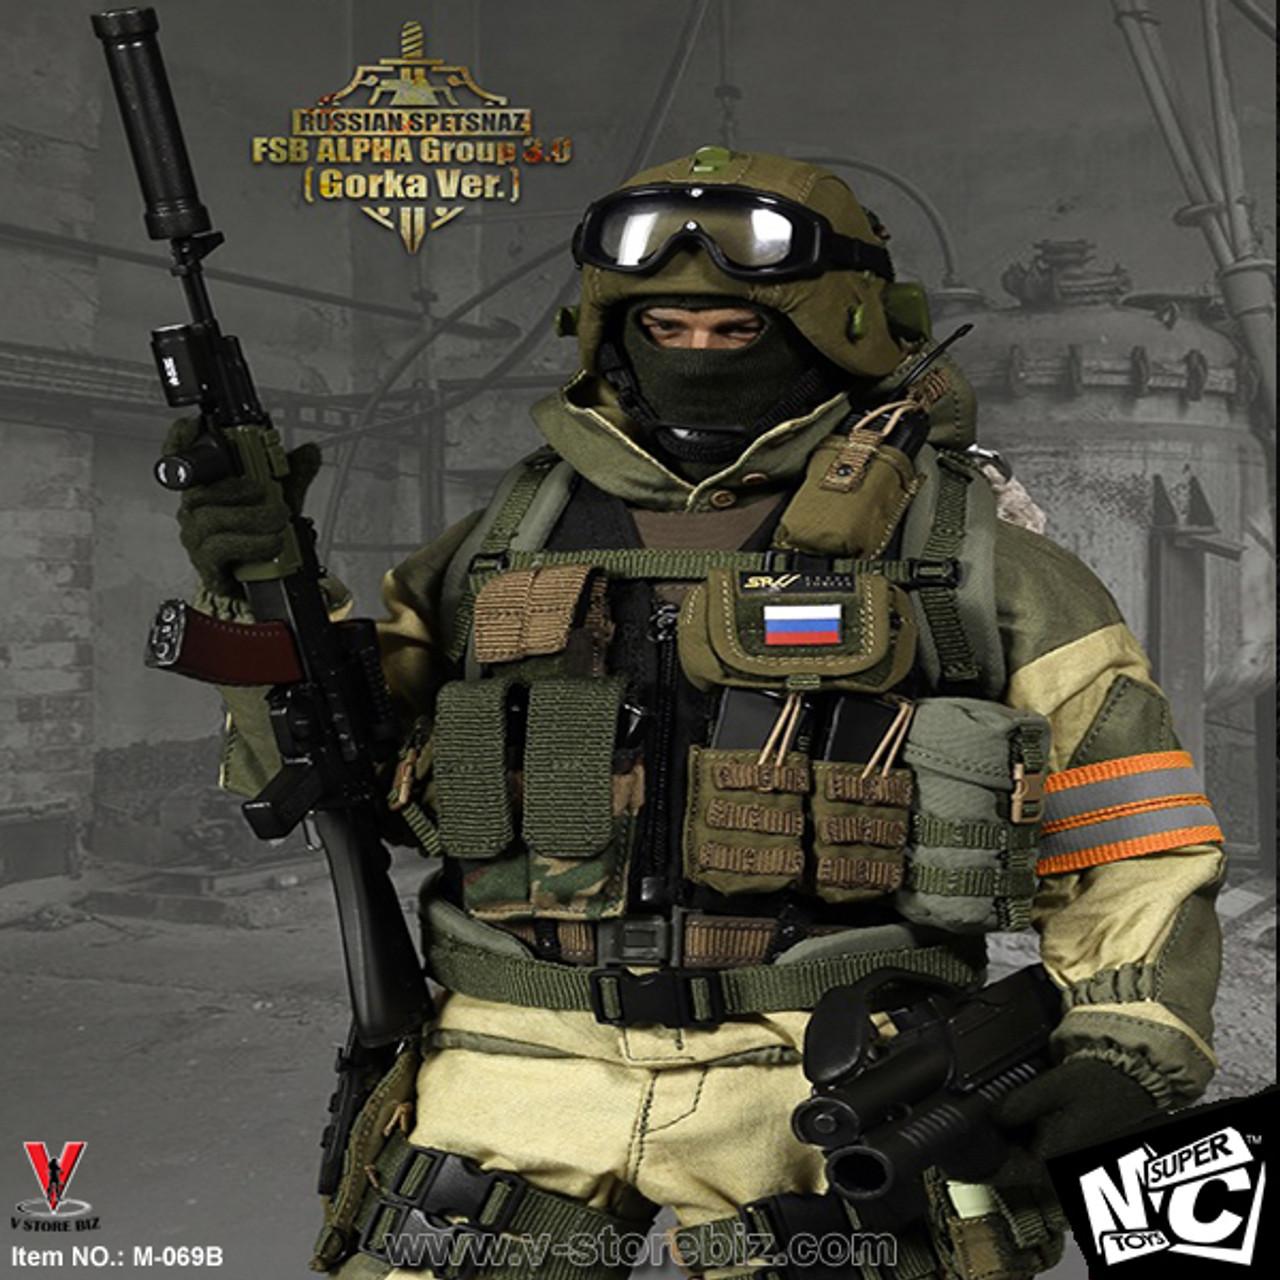 Russian Spetsnaz Photo Russiansoldier001: SuperMCToys Russian Spetsnaz FSB Alpha Group 3 (Gorka Ver